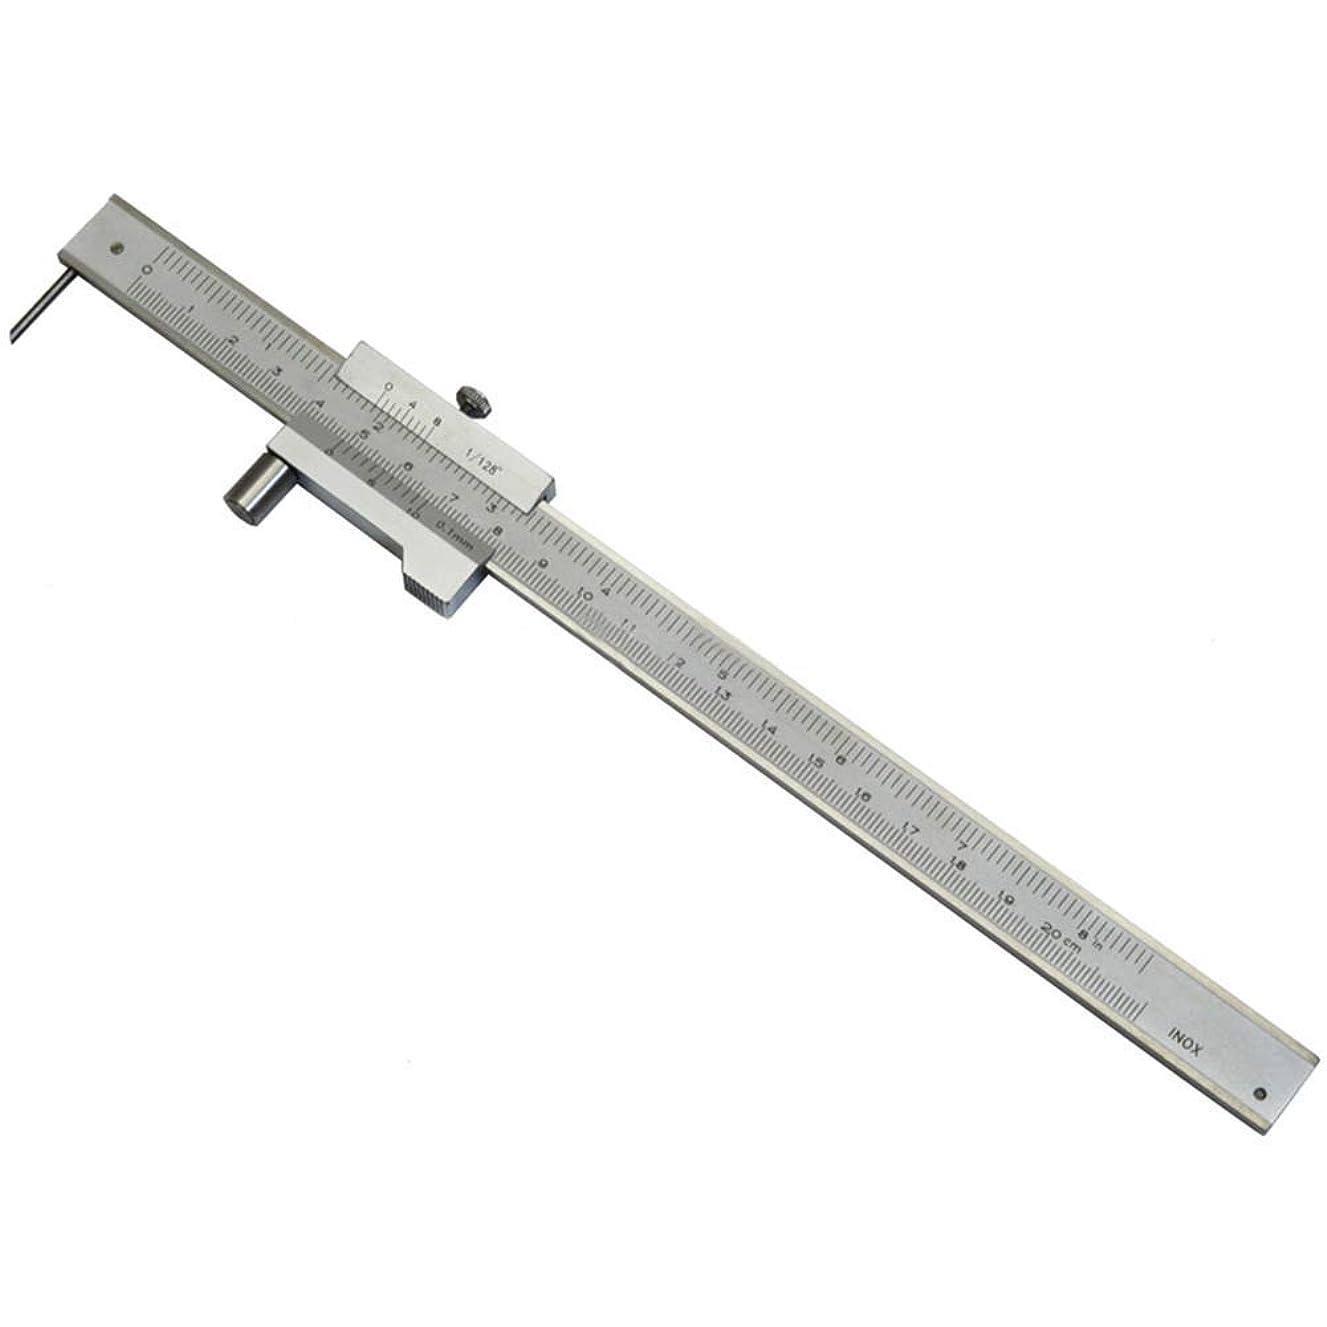 反発歯科のぴかぴかSSY-YU ノギス パラレルルーラーはクロスノギスをマーキングキャリパー針をマーキングキャリパー0-200MMカーソルを組みます 測定工具 精密作業大工DIY